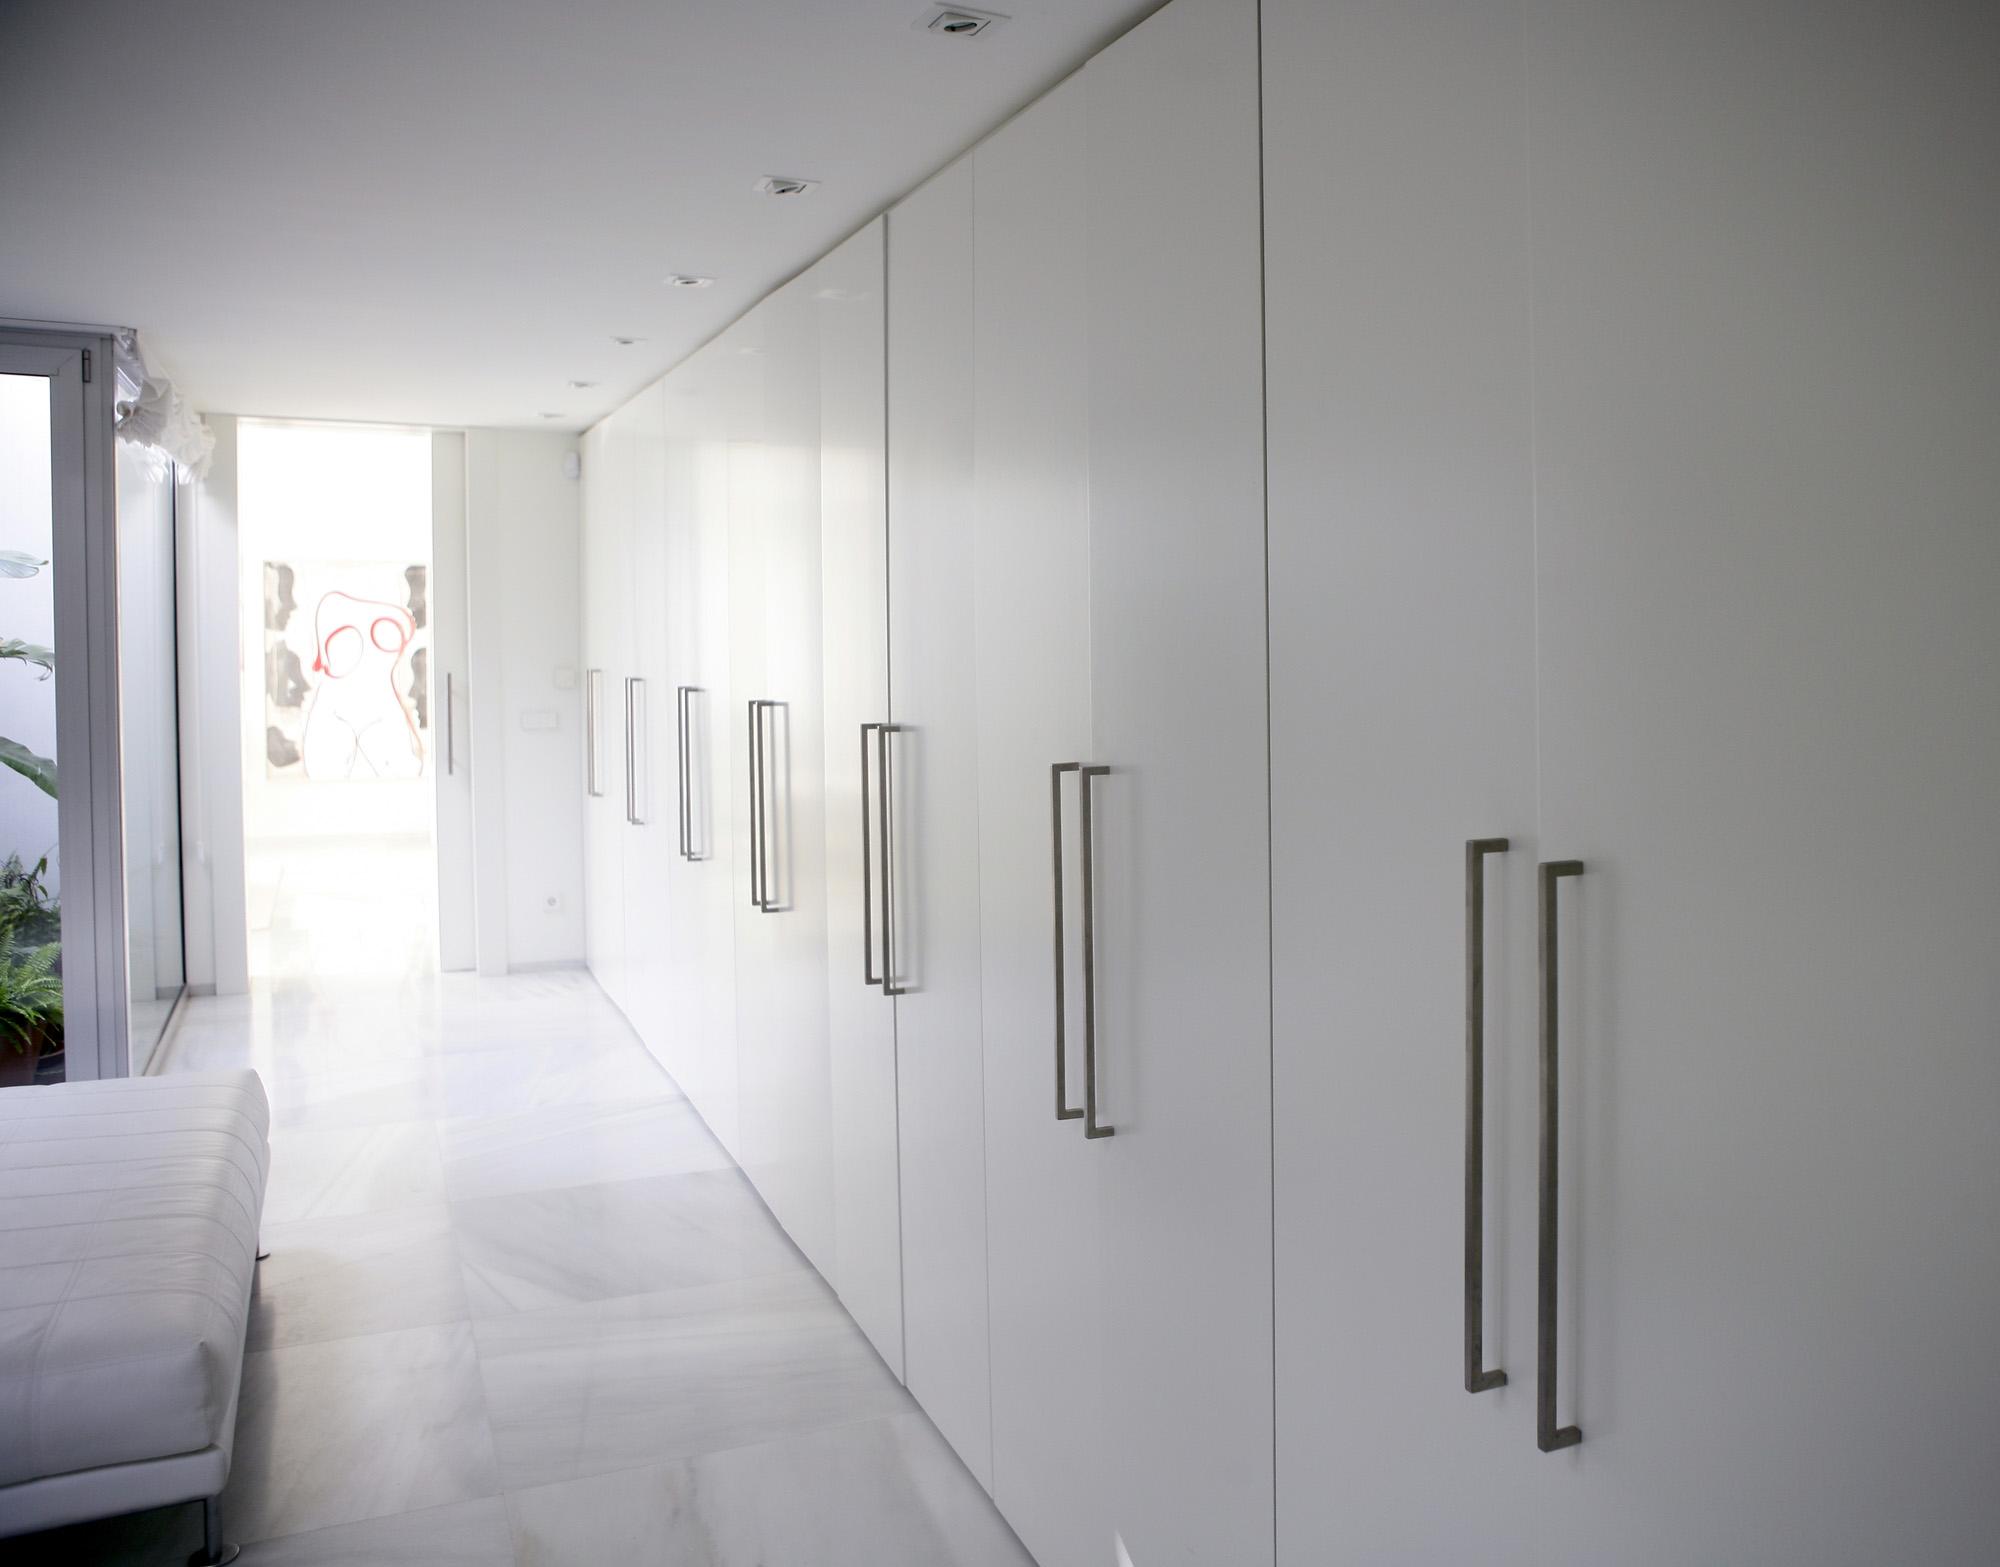 fitted bespoke wardrobes, white wardrobe, shaker wardrobe doors, wardrobe top cupboard